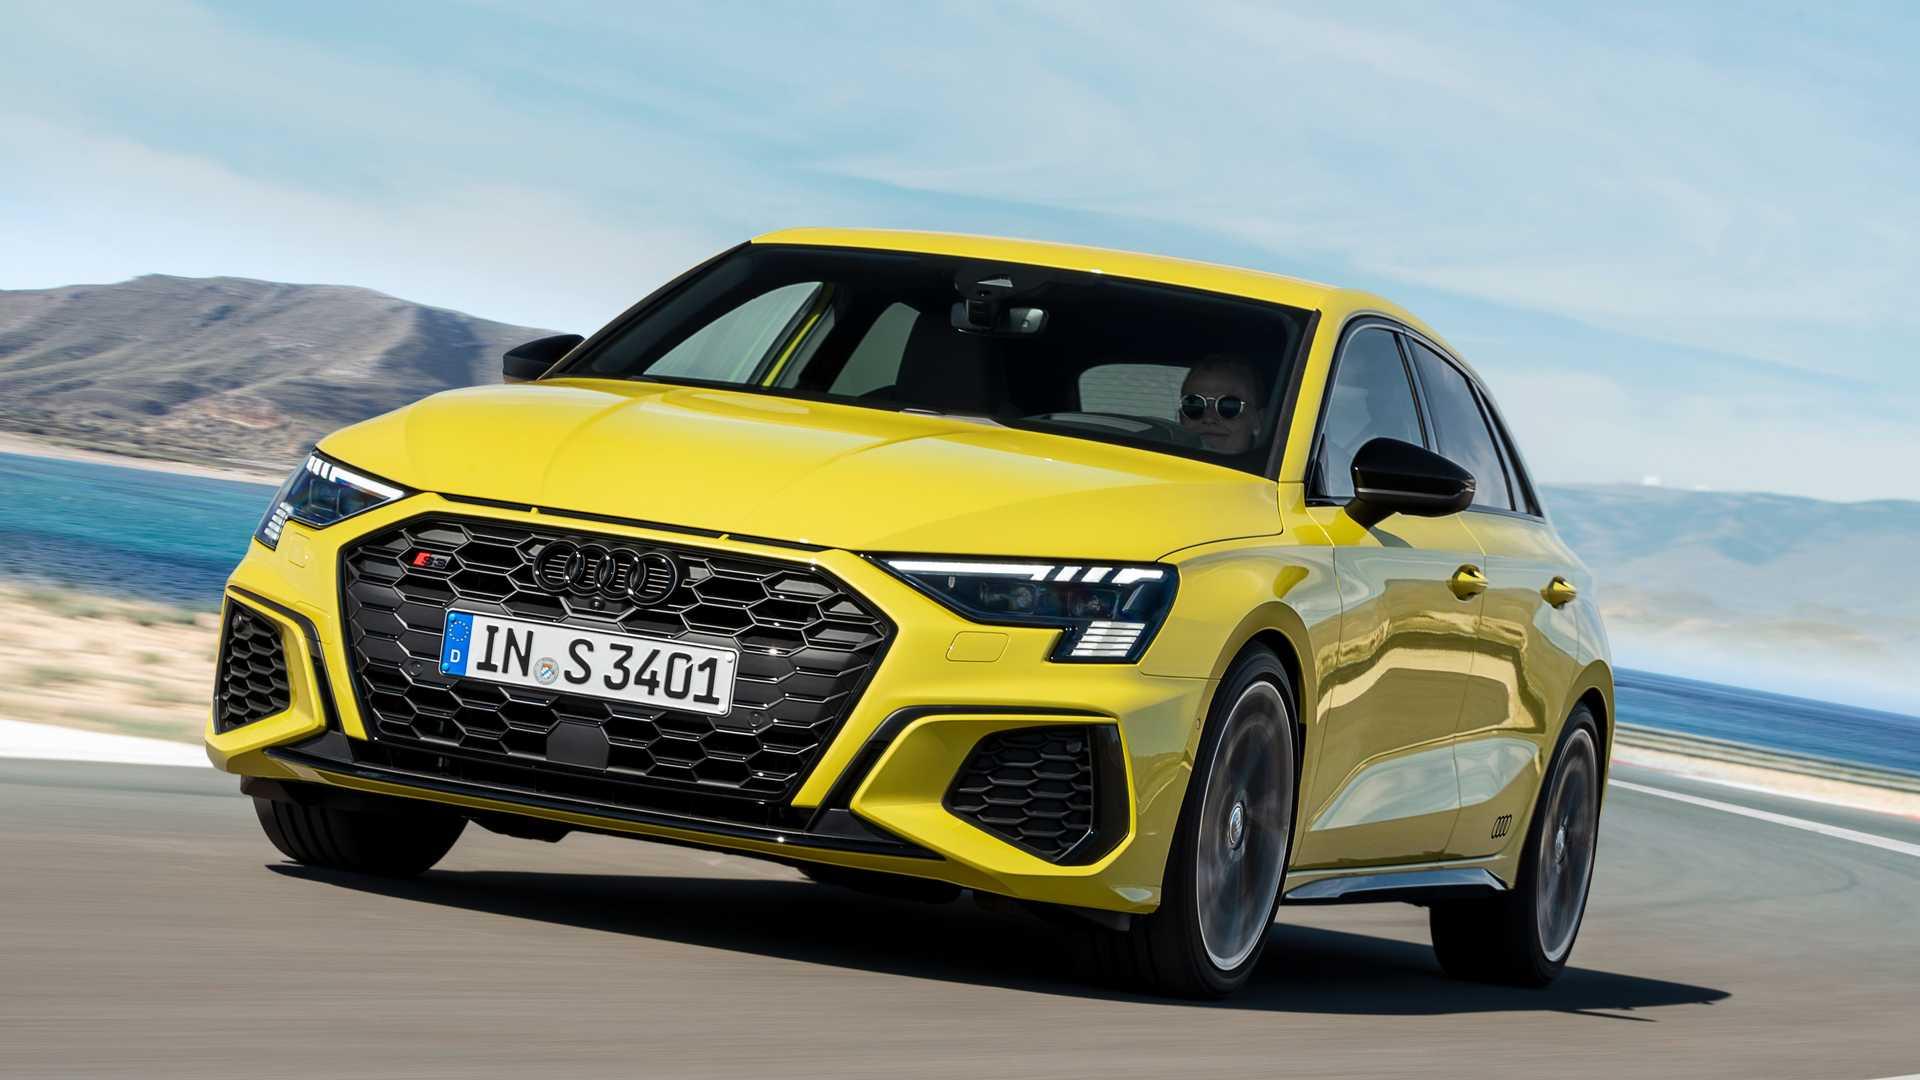 Νέα Audi S3 Sportback και S3 Sedan